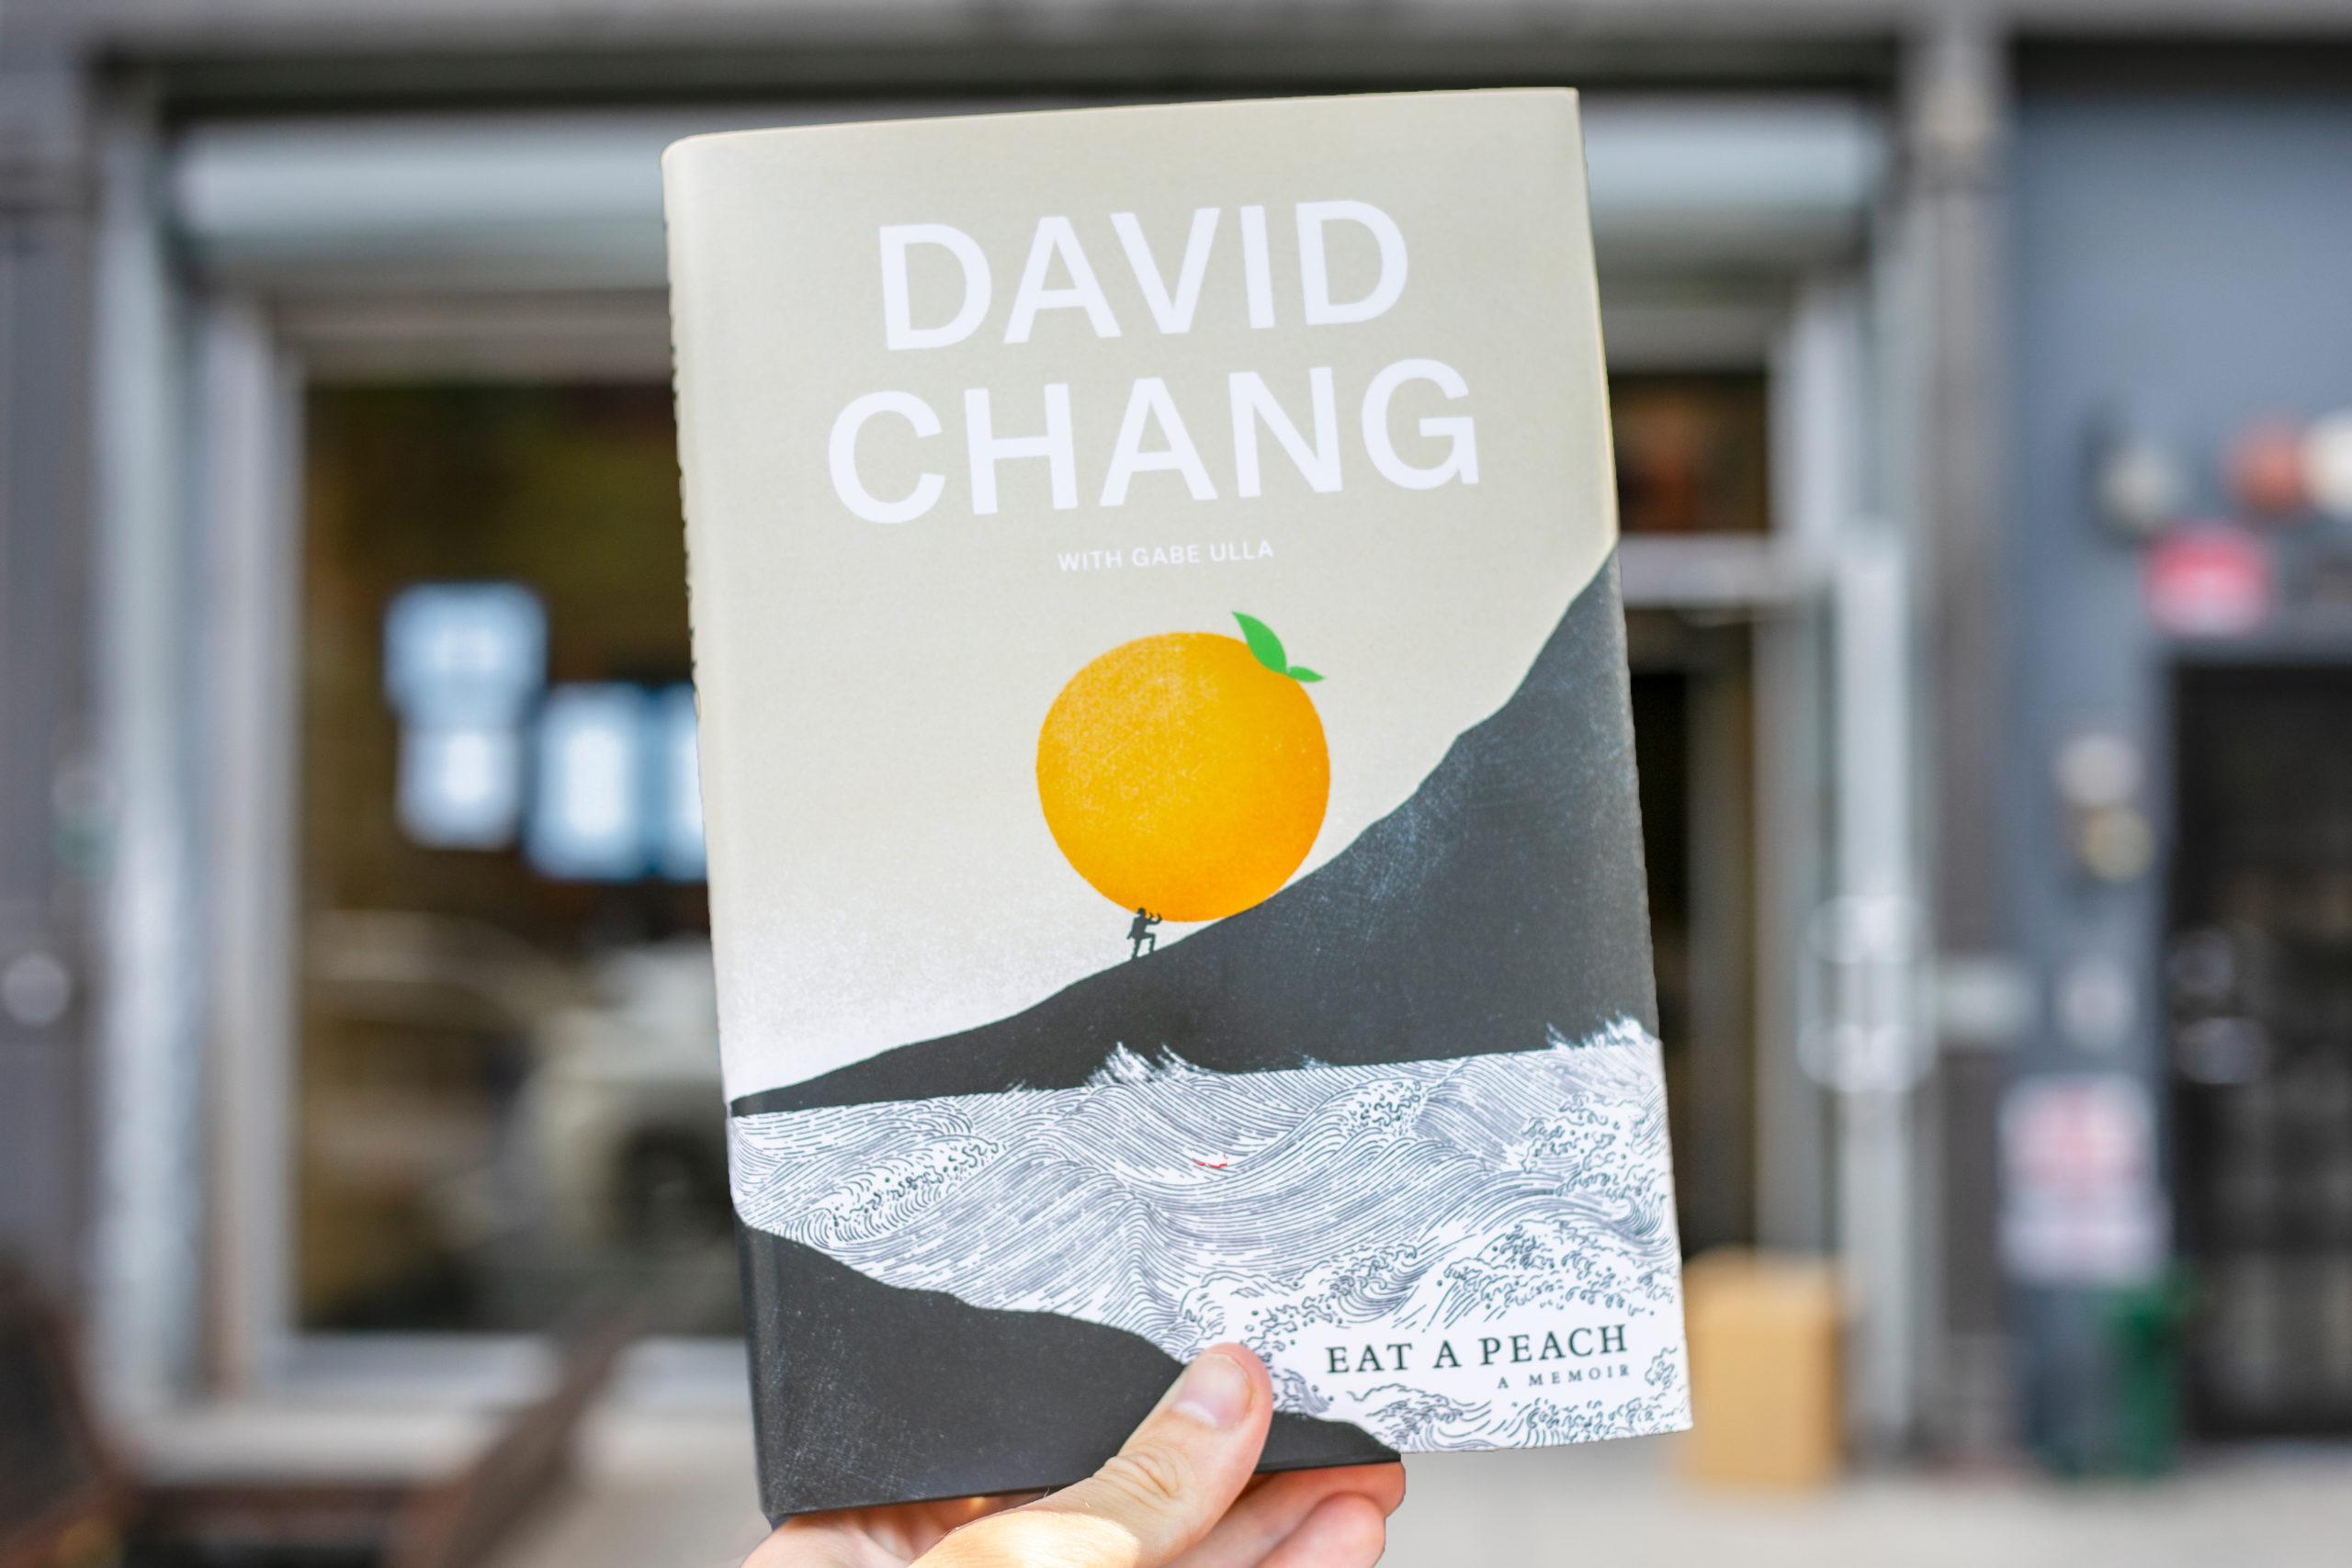 eat a peach memoir by david chang